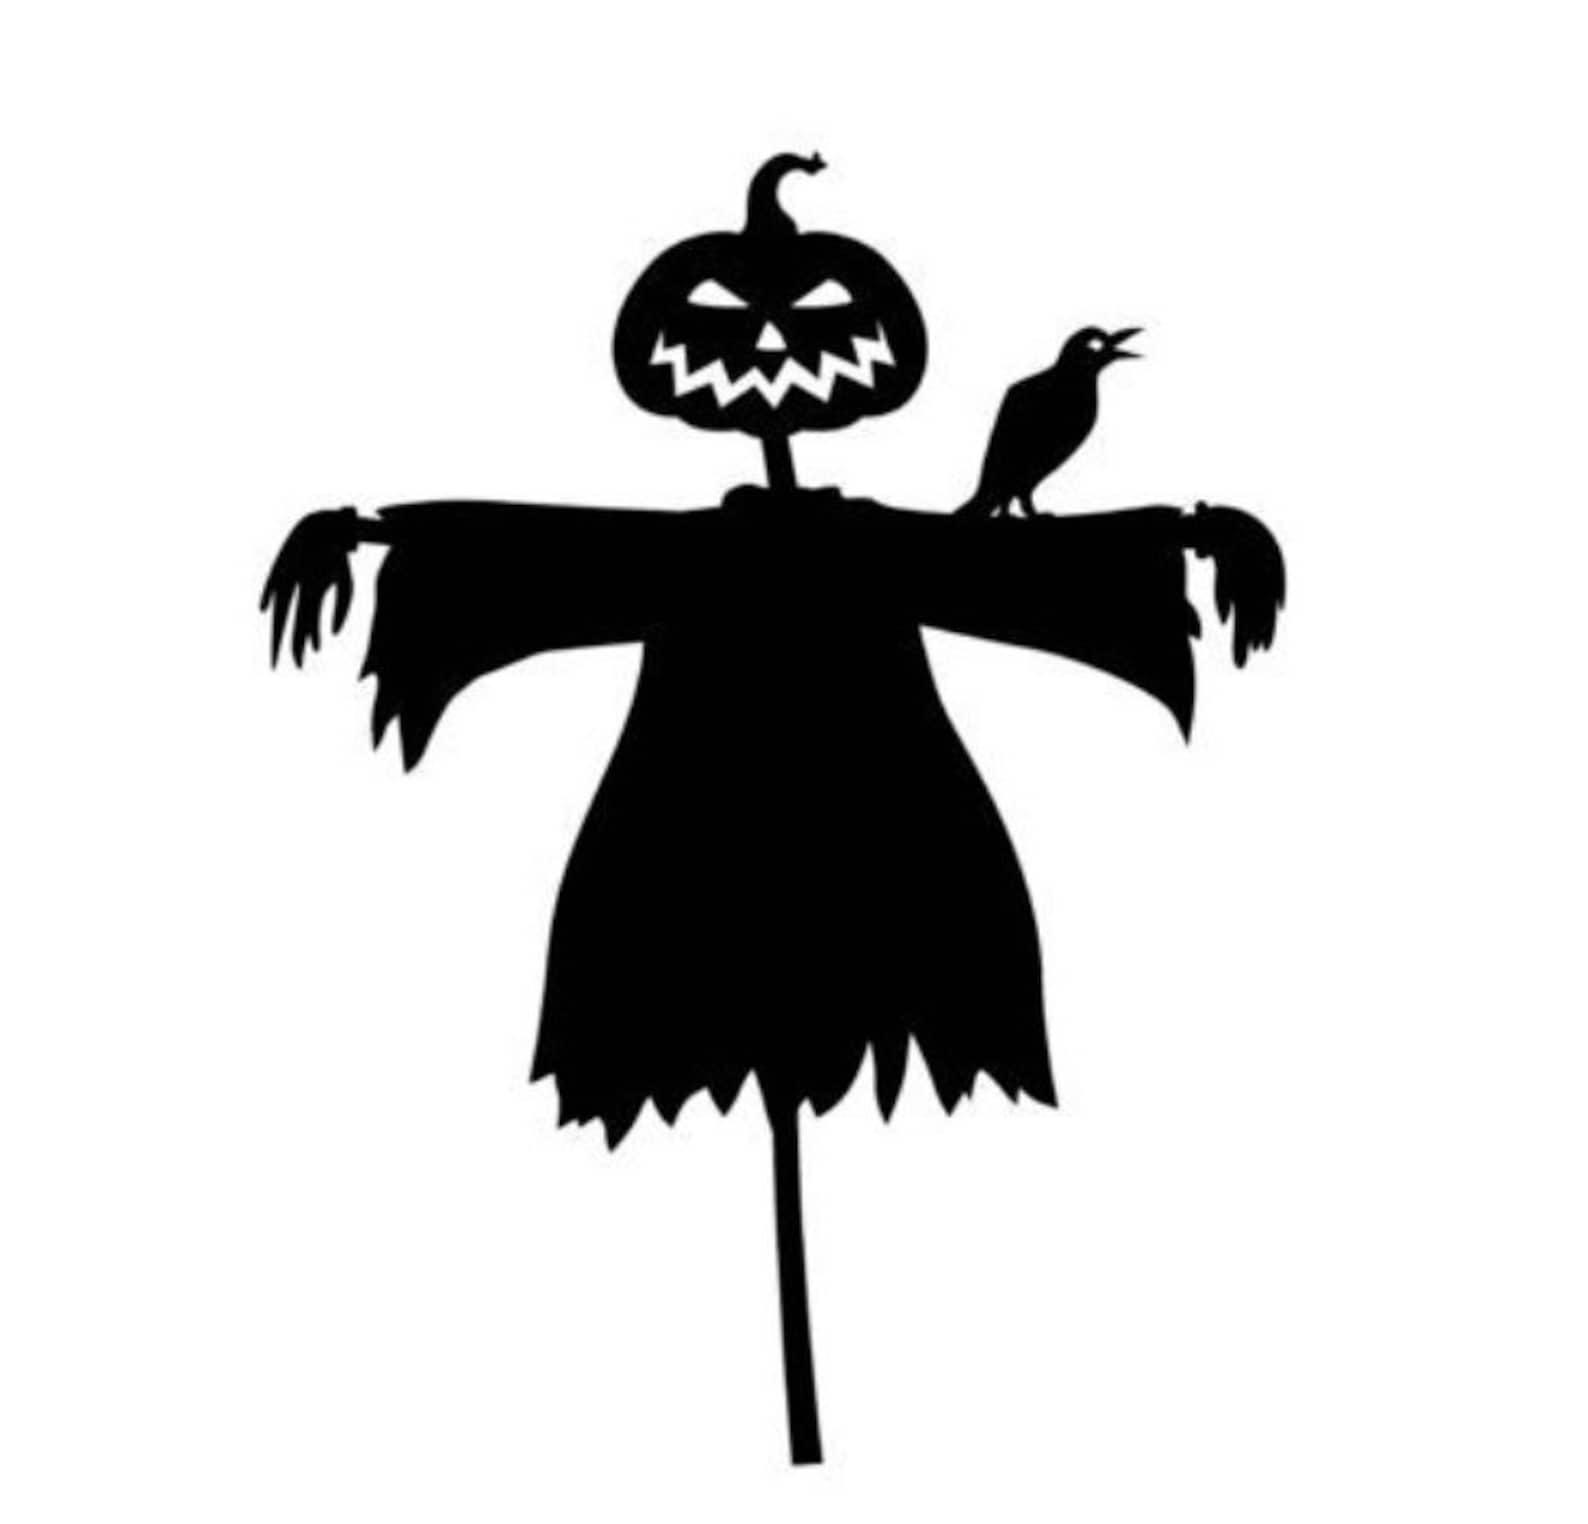 Spooky Scarecrow Halloween Home Decor